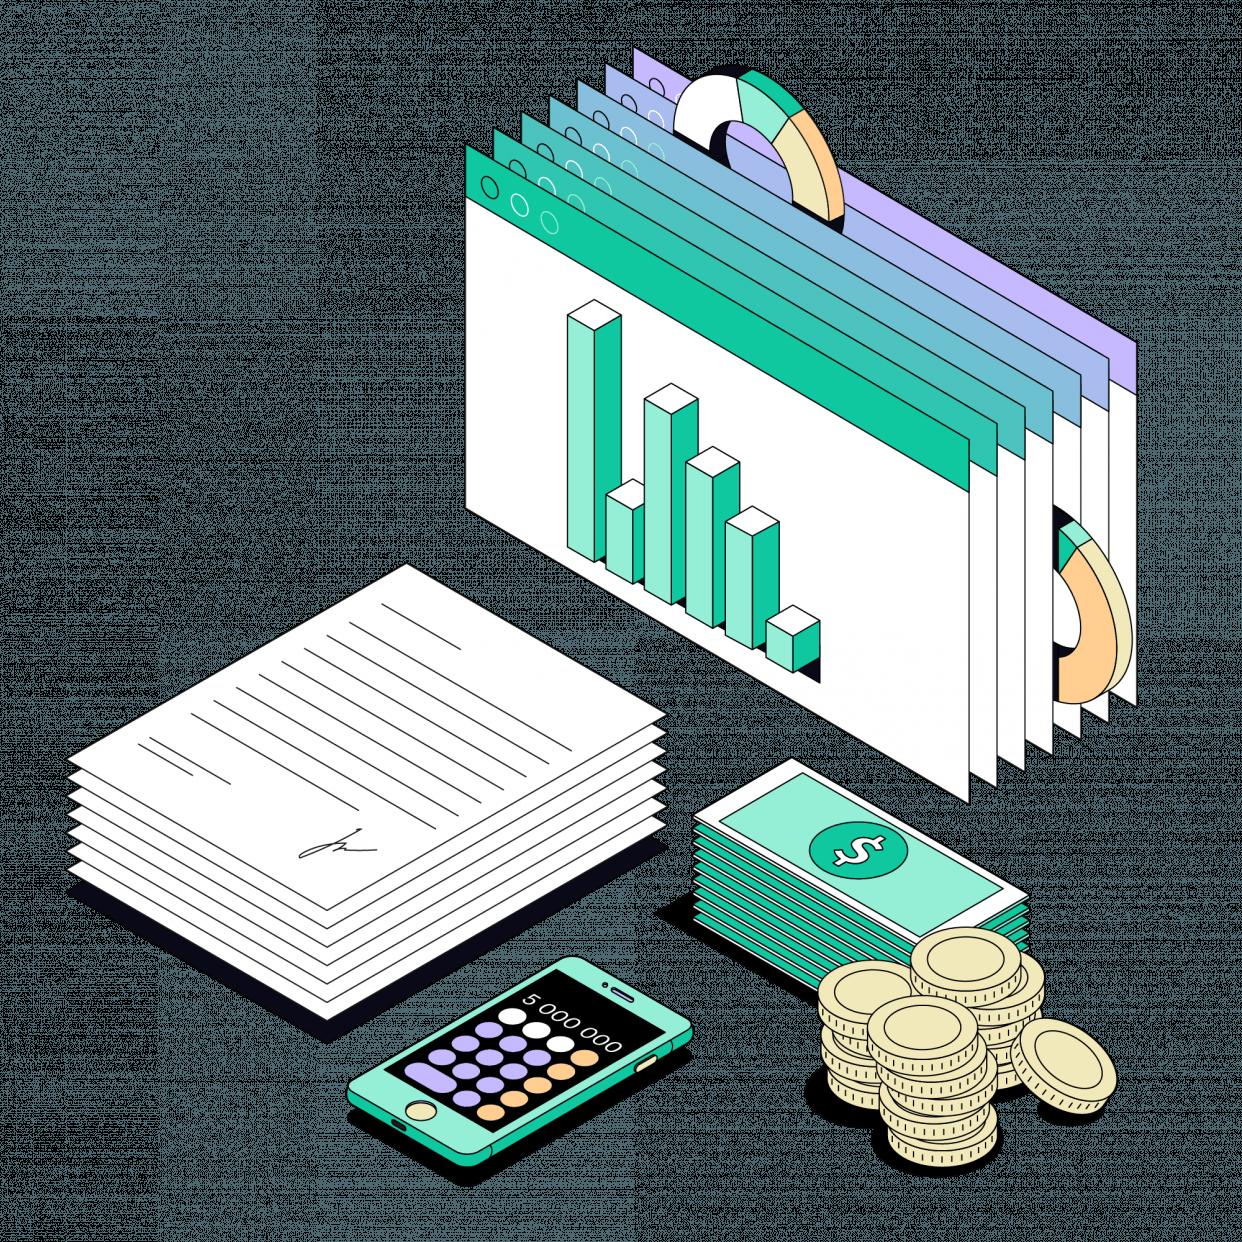 Курс «Бизнес-аналитик» от Skillbox